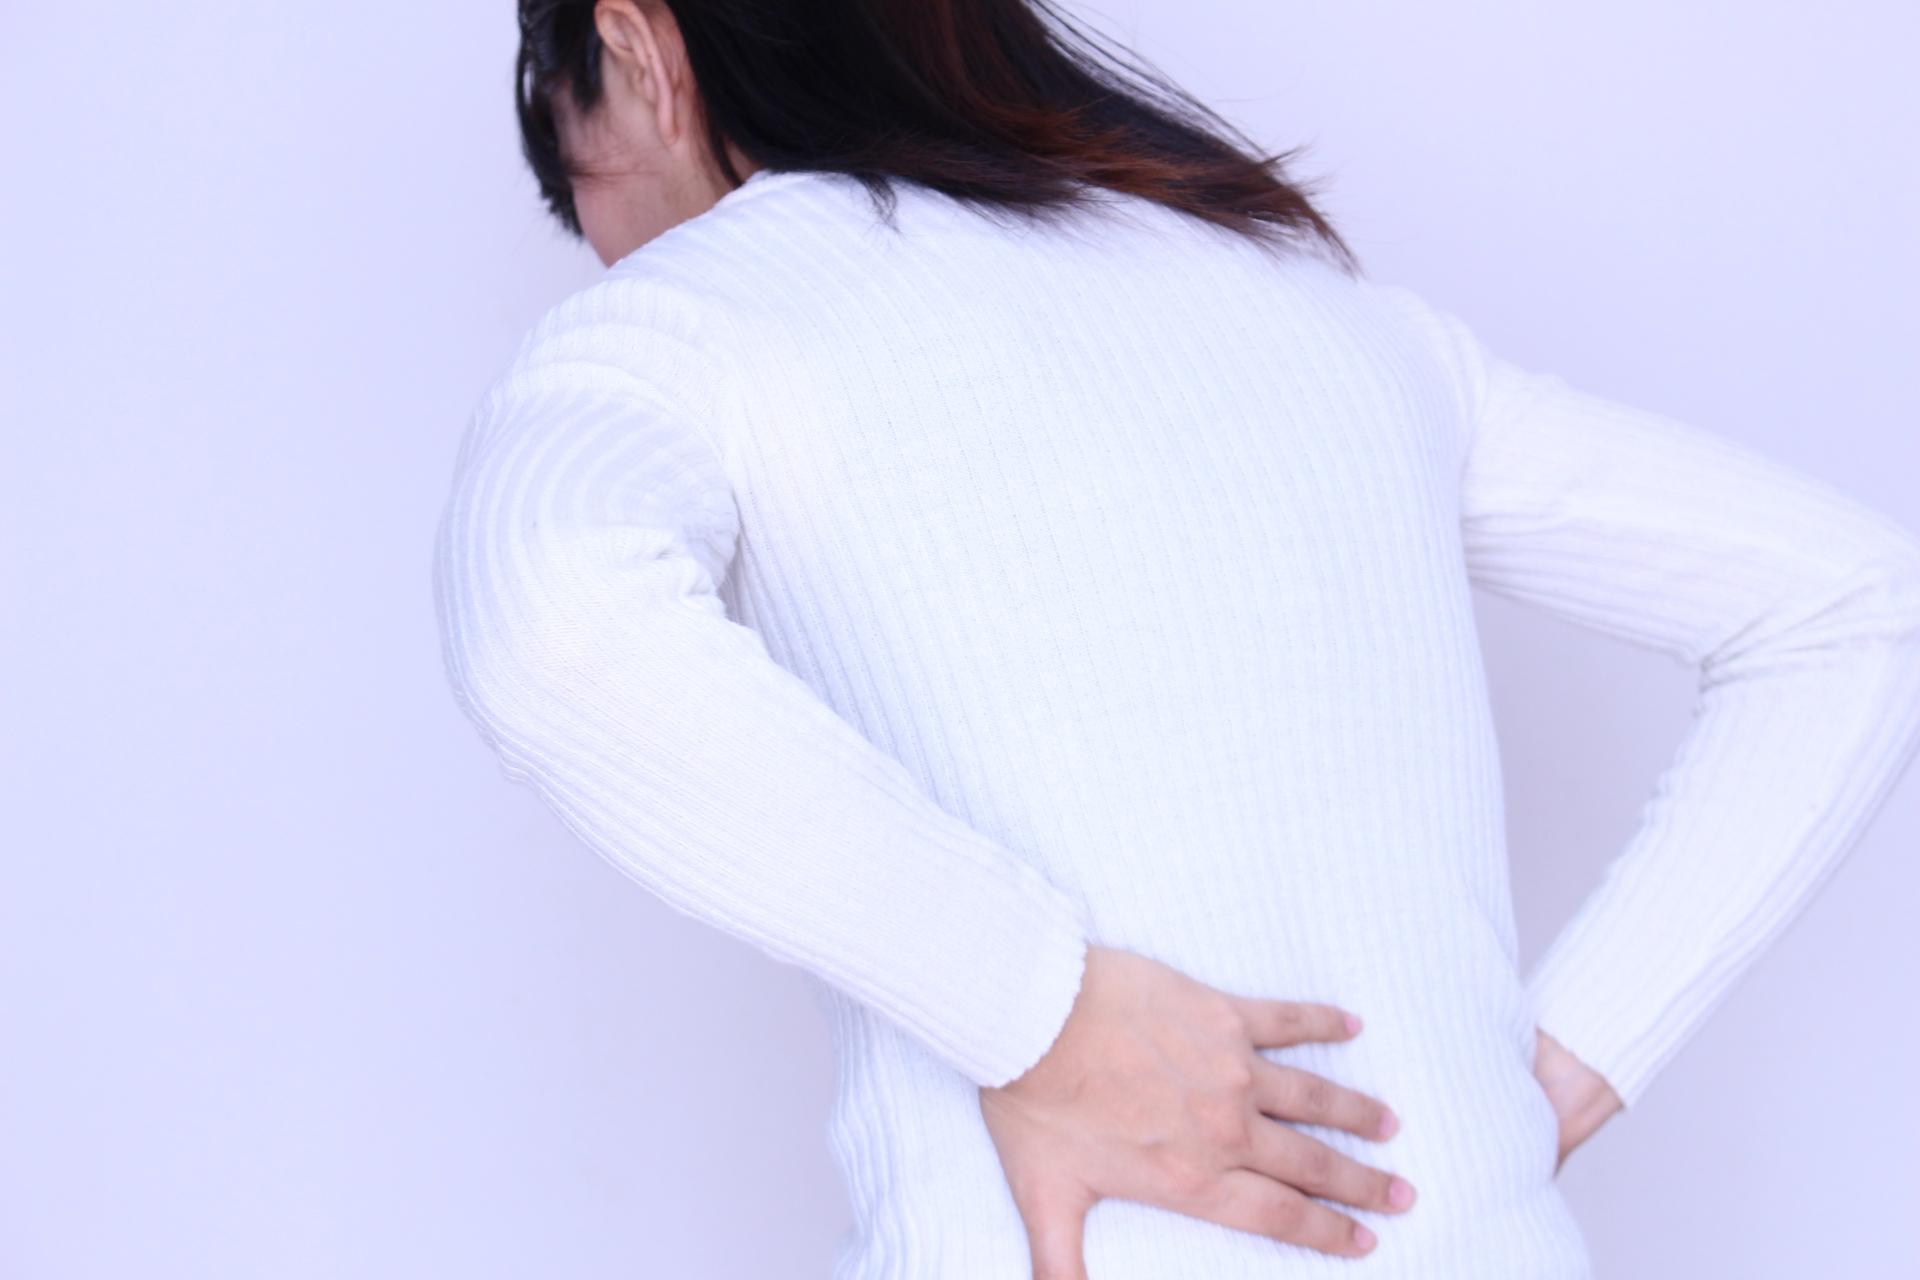 腎盂腎炎による背中の痛み